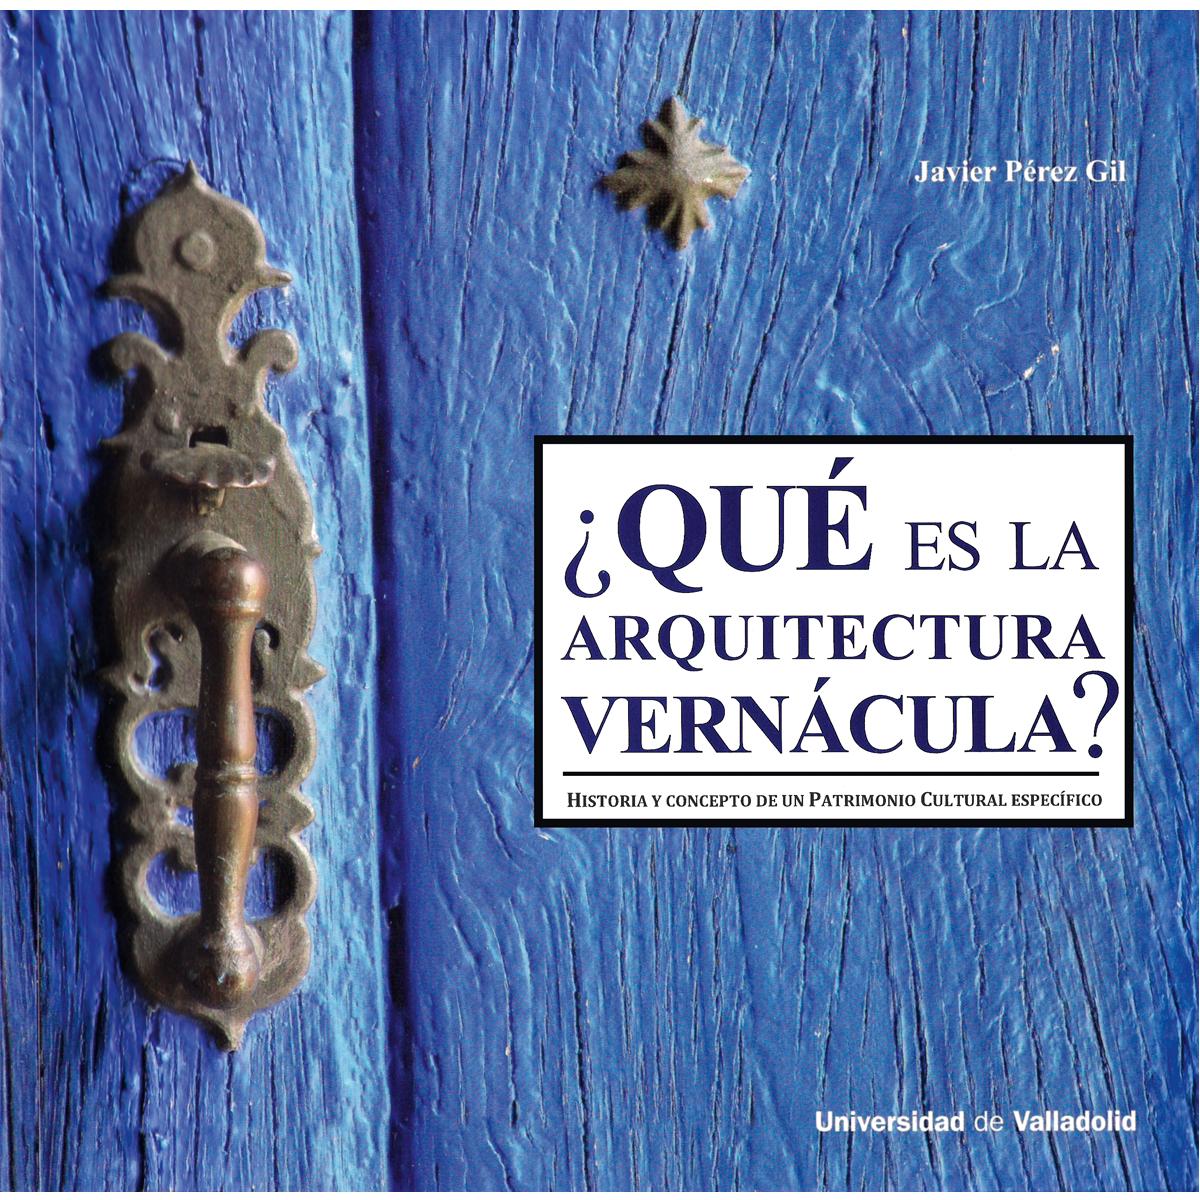 ¿Qué es la arquitectura vernácula?